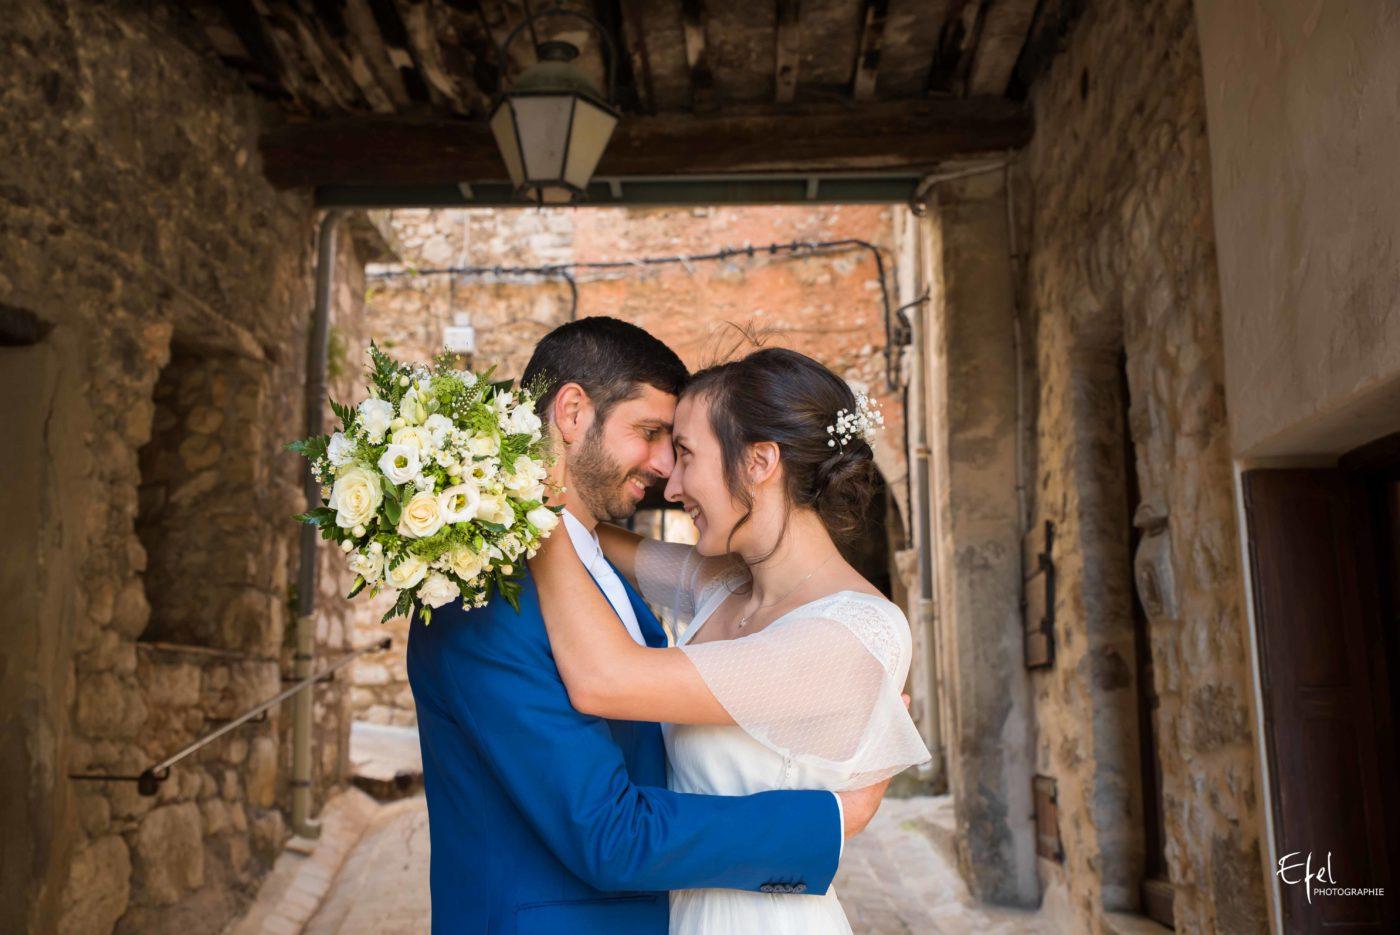 Shooting couple de mariage réalisé à Tourrettes-sur-Loup sur Loup - photographe de mariage à gap et dans les alpes maritimes